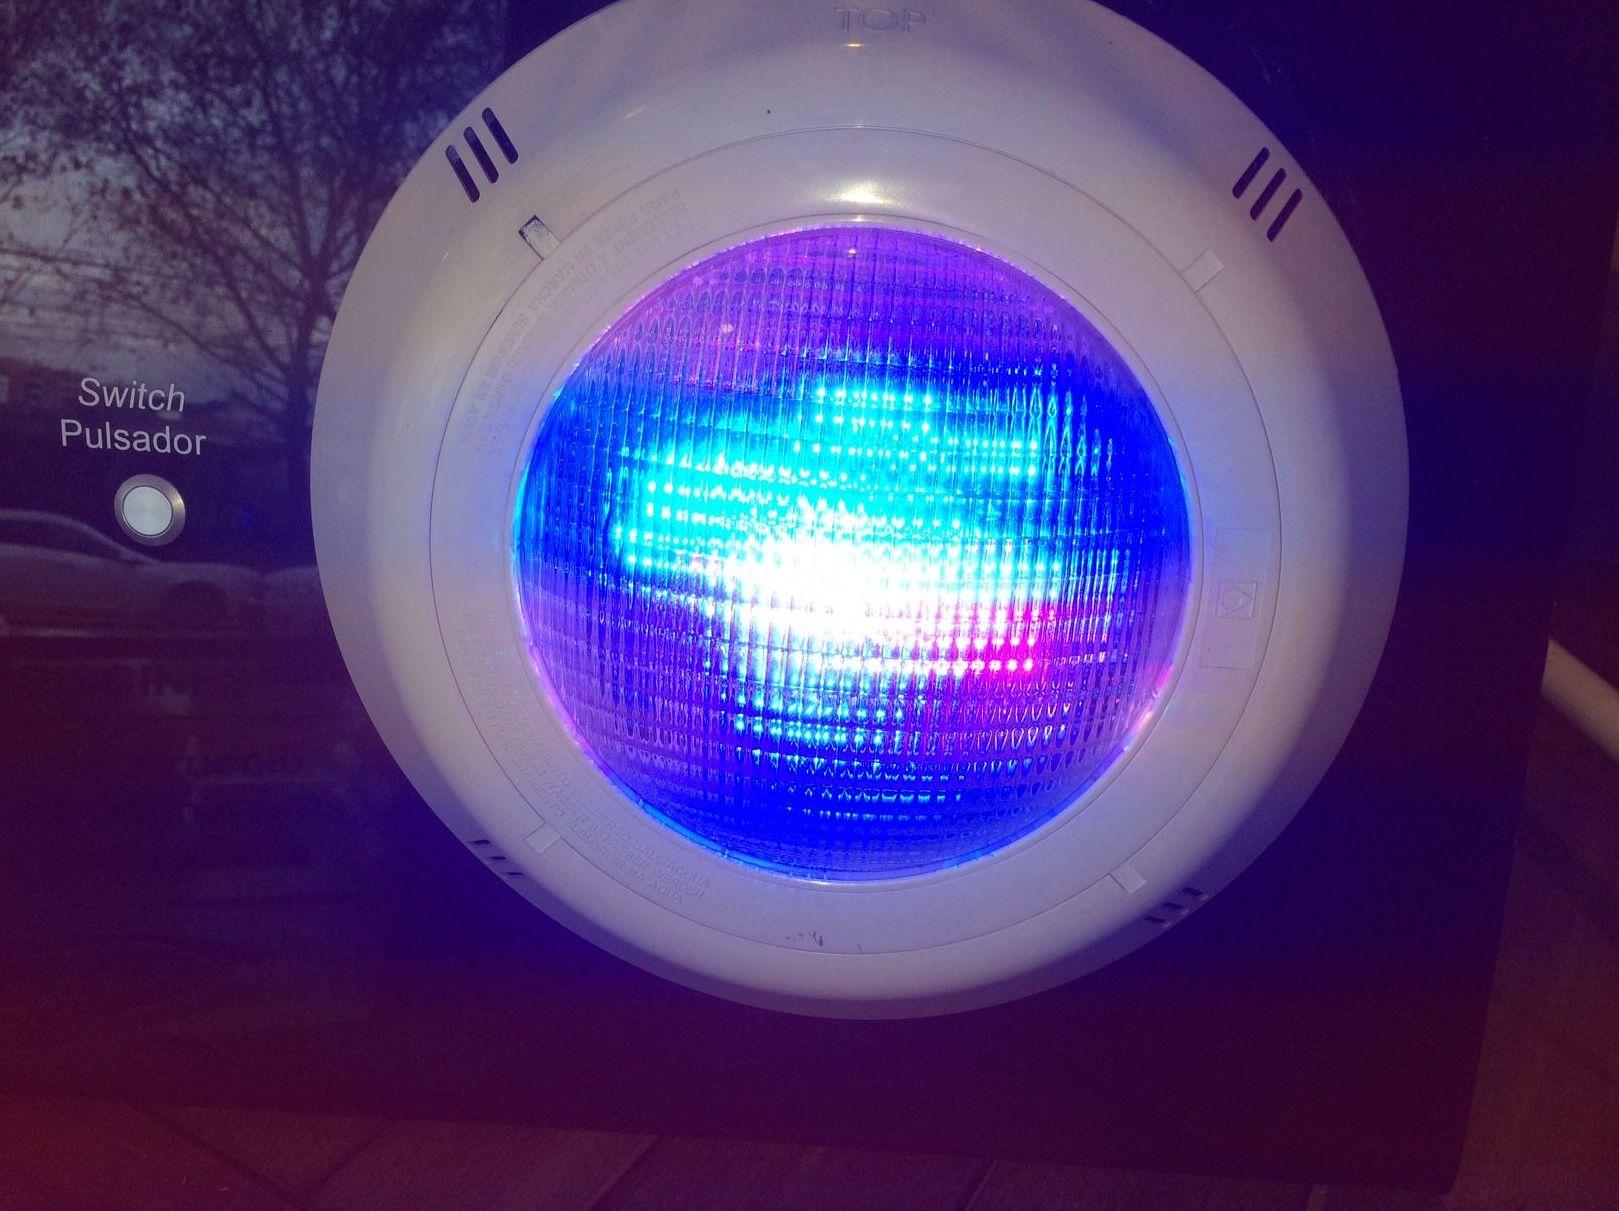 Iluminaci n servicios y productos de feldmann - Articulos iluminacion ...